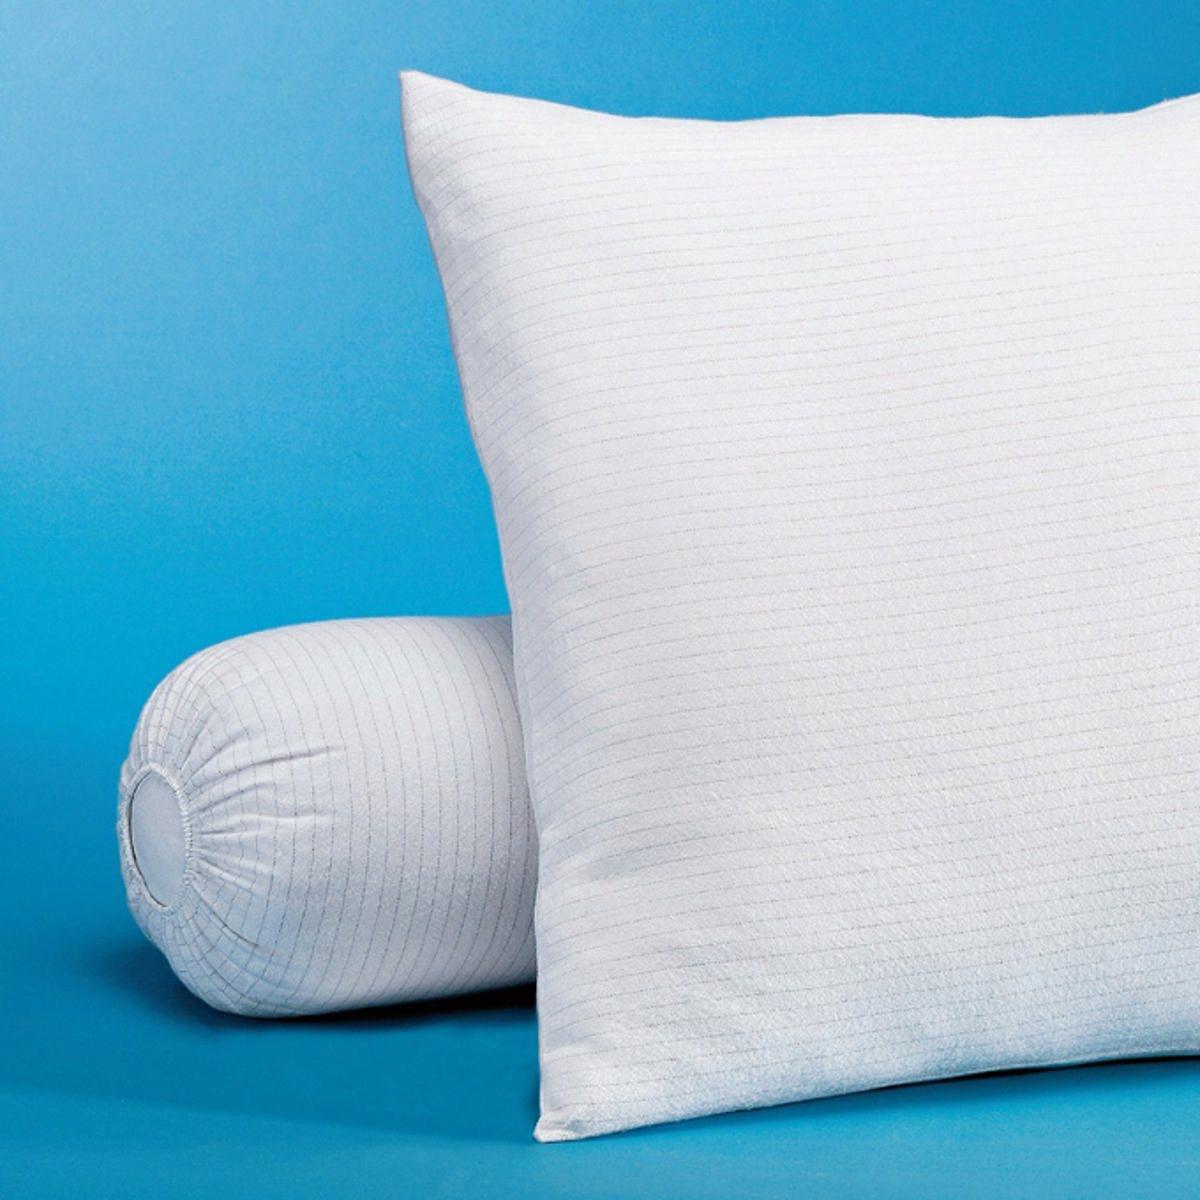 Чехол защитный на подушку из мольтона mercury постельные принадлежности набор 4 штуки простыня с набивной чехол на одеяло 100